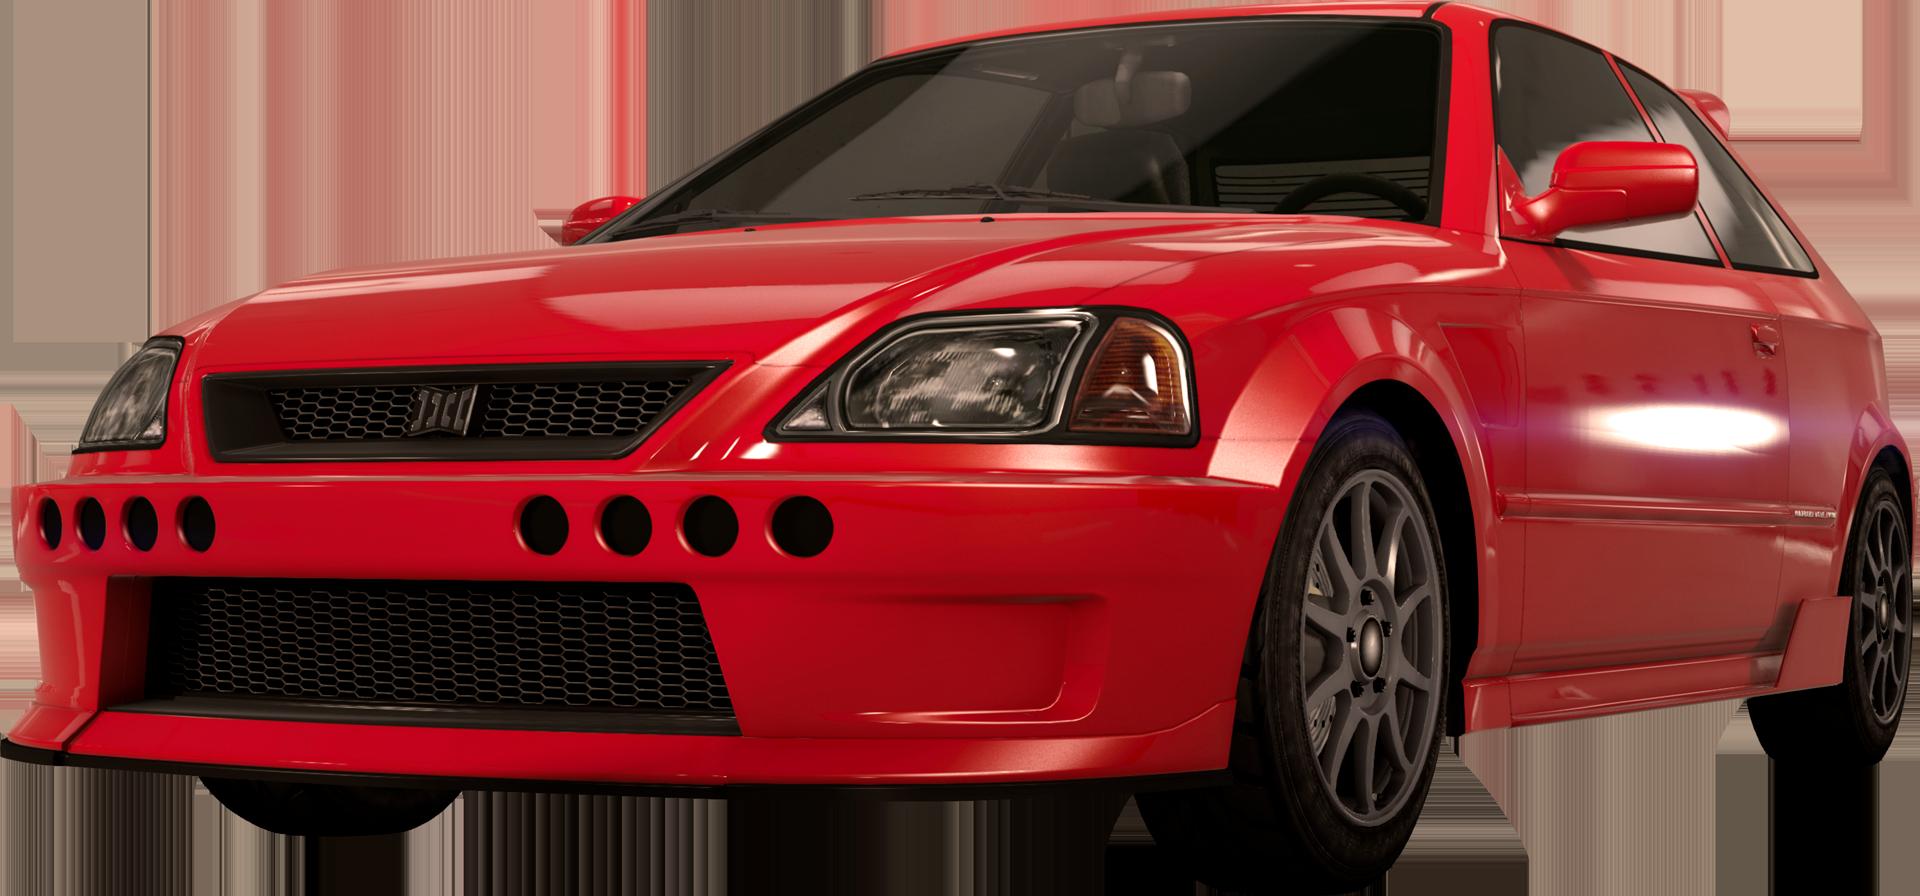 Dinka Blista Kanjo Image officielle-3 GTA Online.png